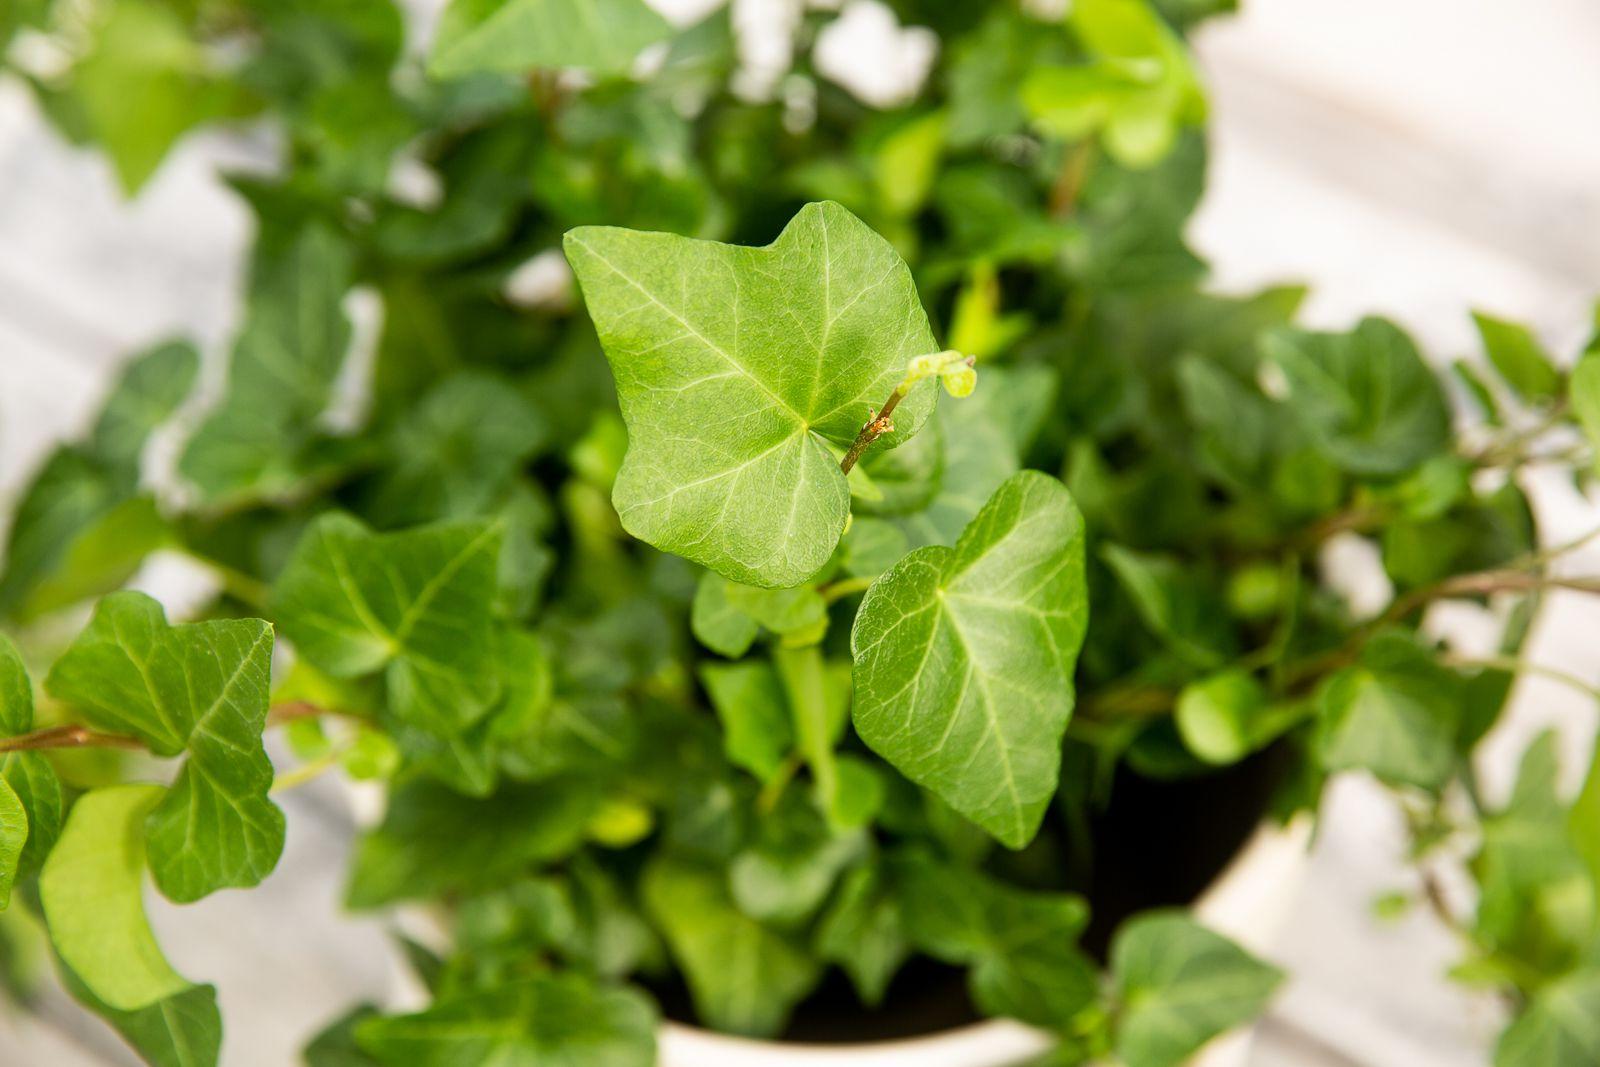 آیا گیاه پاپیتال سمی است